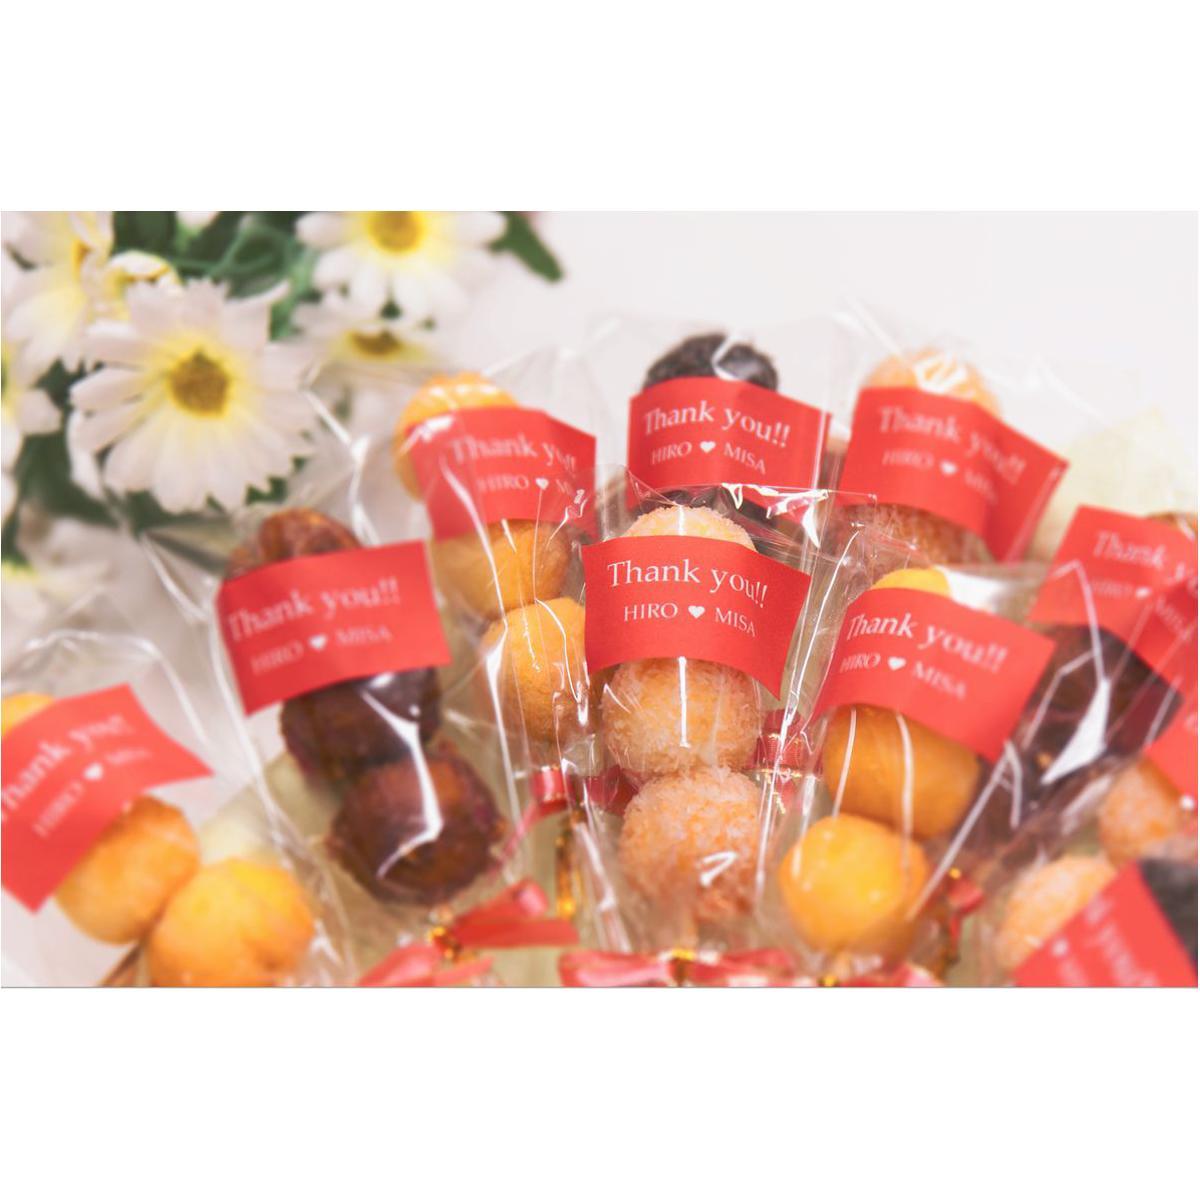 プチギフト お菓子 オリジナルラベル 結トリオ 1本 サーターアンダギー ありがとう 【赤ラベル/リボン】